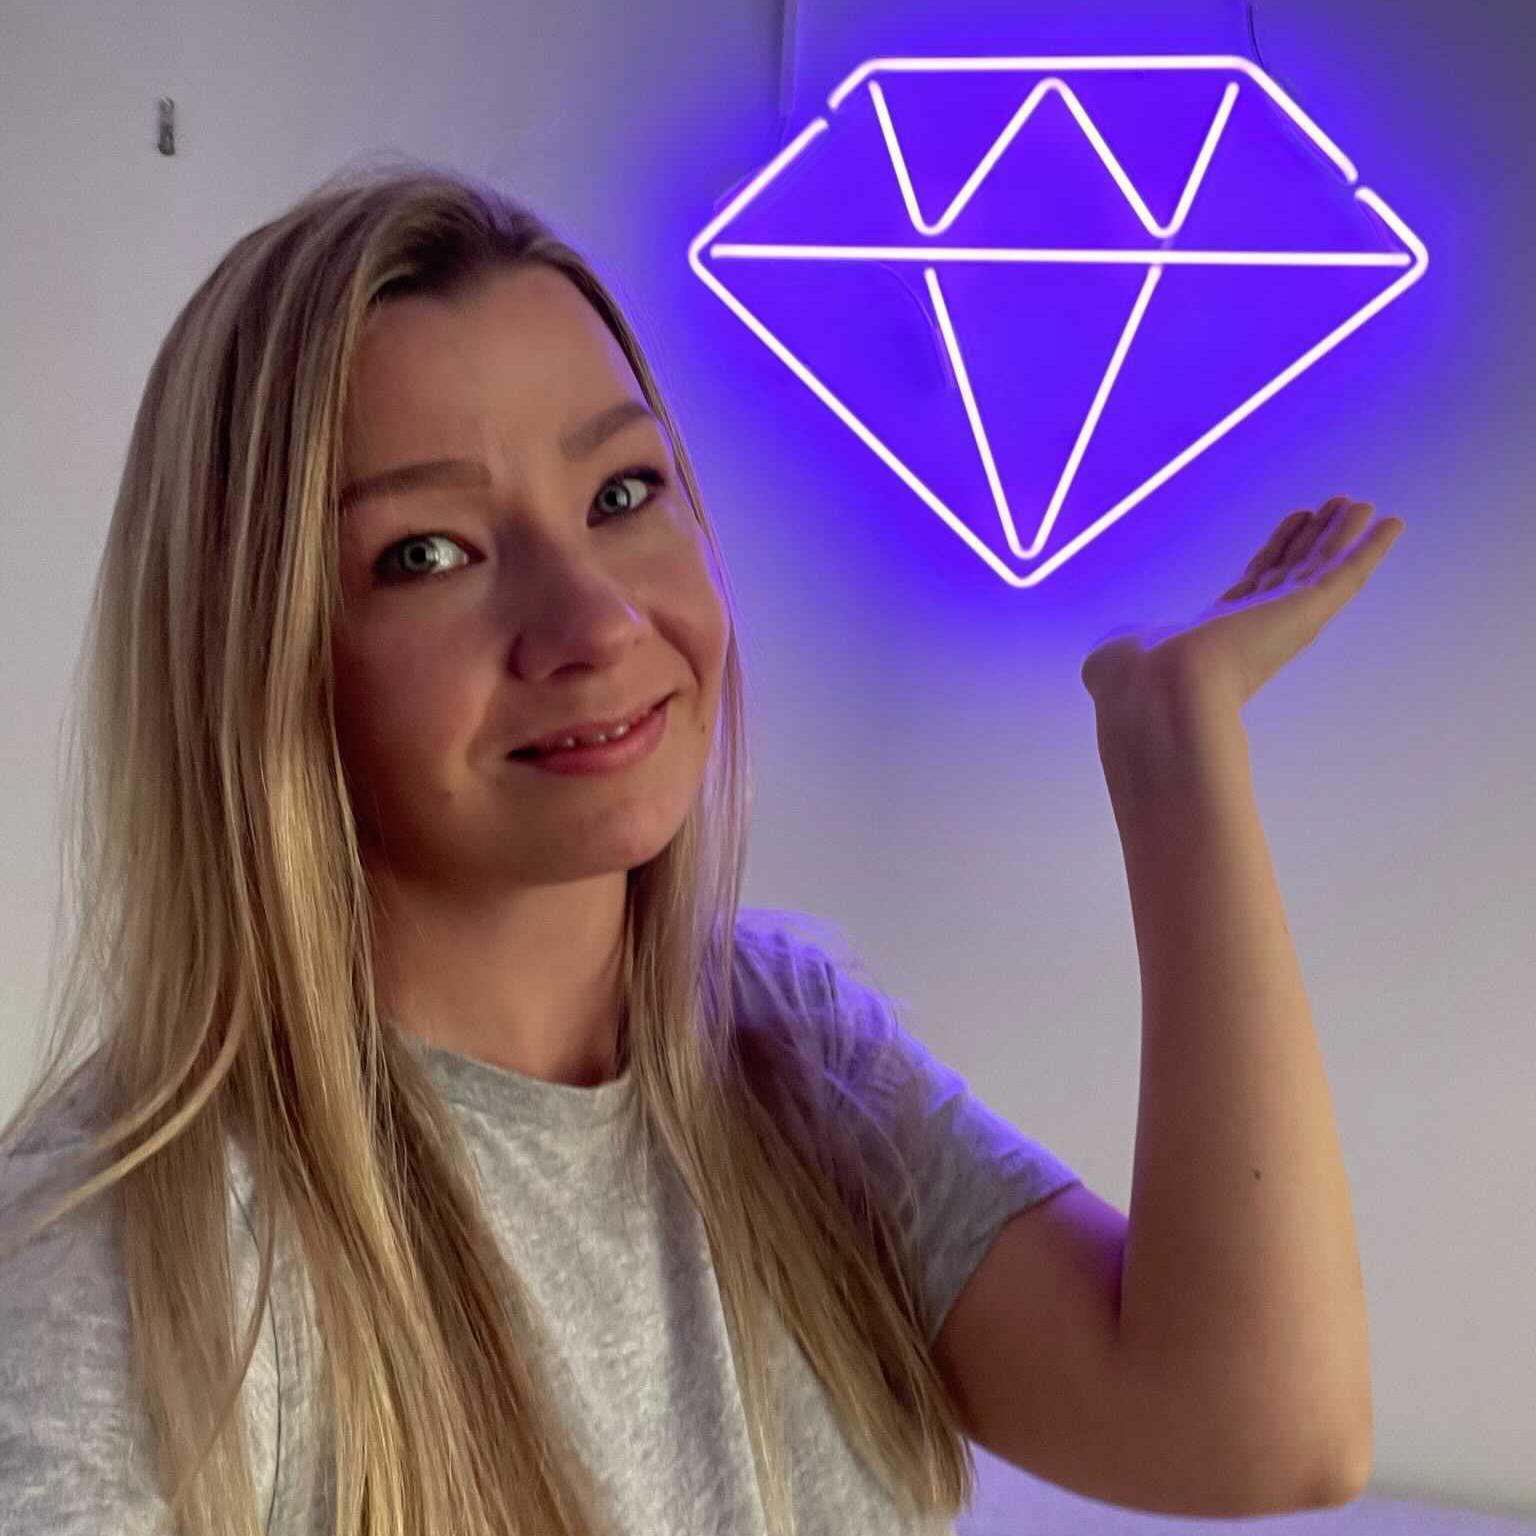 Anna Martinsen